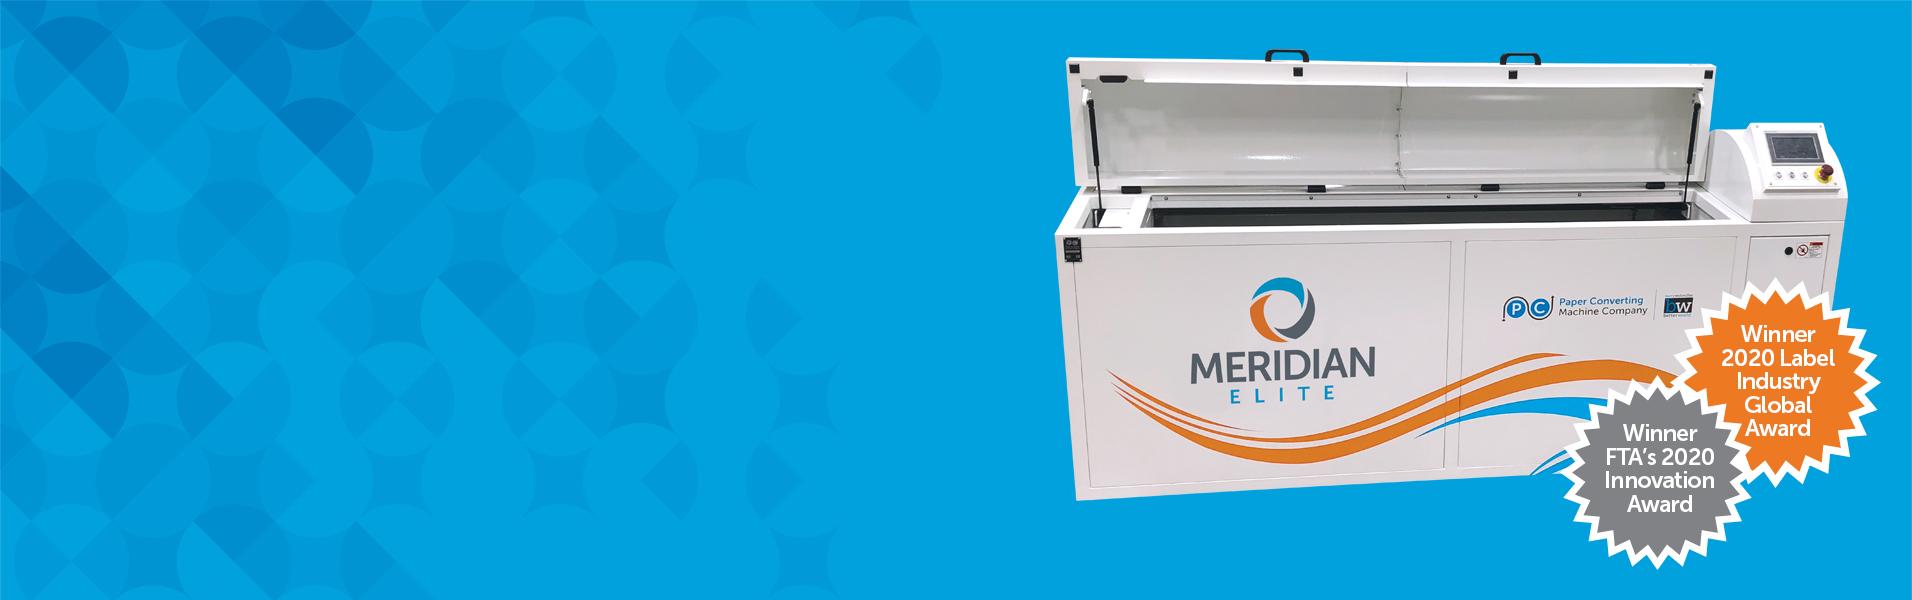 PCMC-2139 Website Home Sliders_Meridian